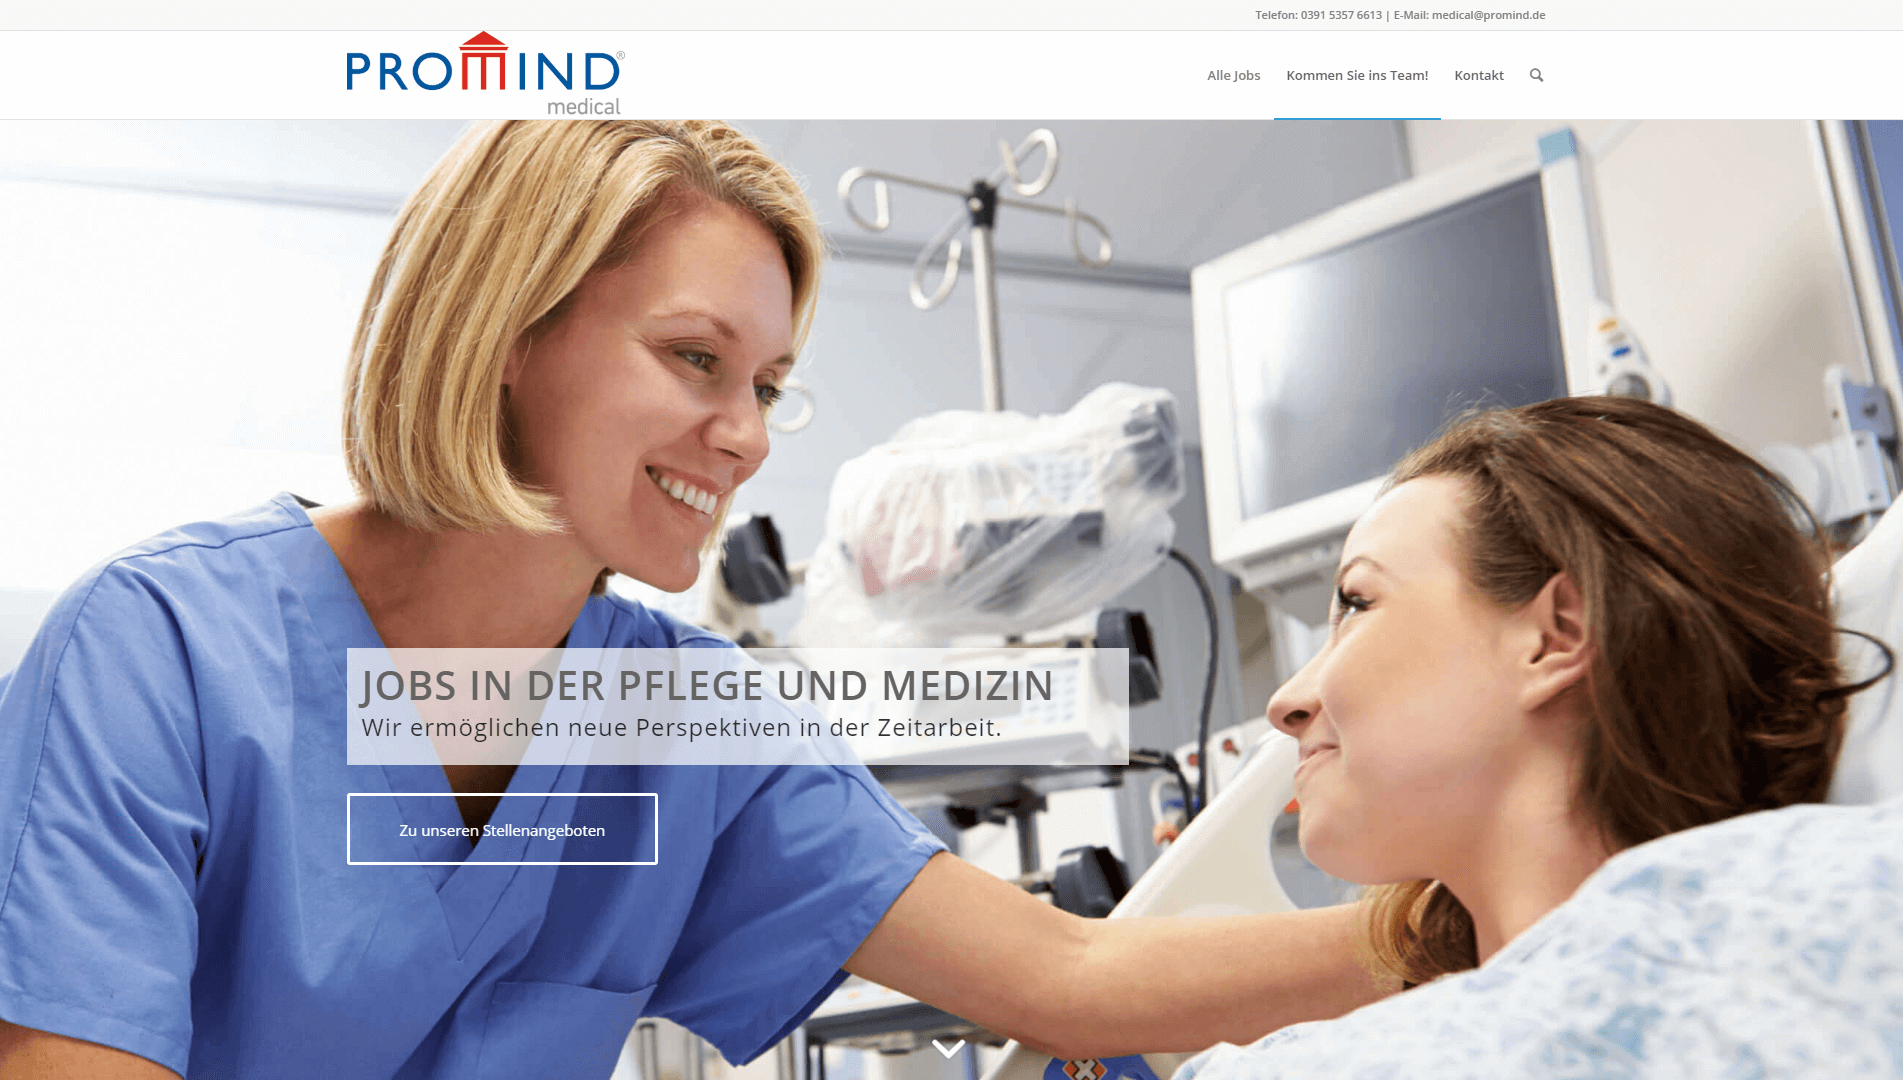 Jobs in Pflege: Mitarbeiterin von PROMIND medical kümmert sich um Patientin